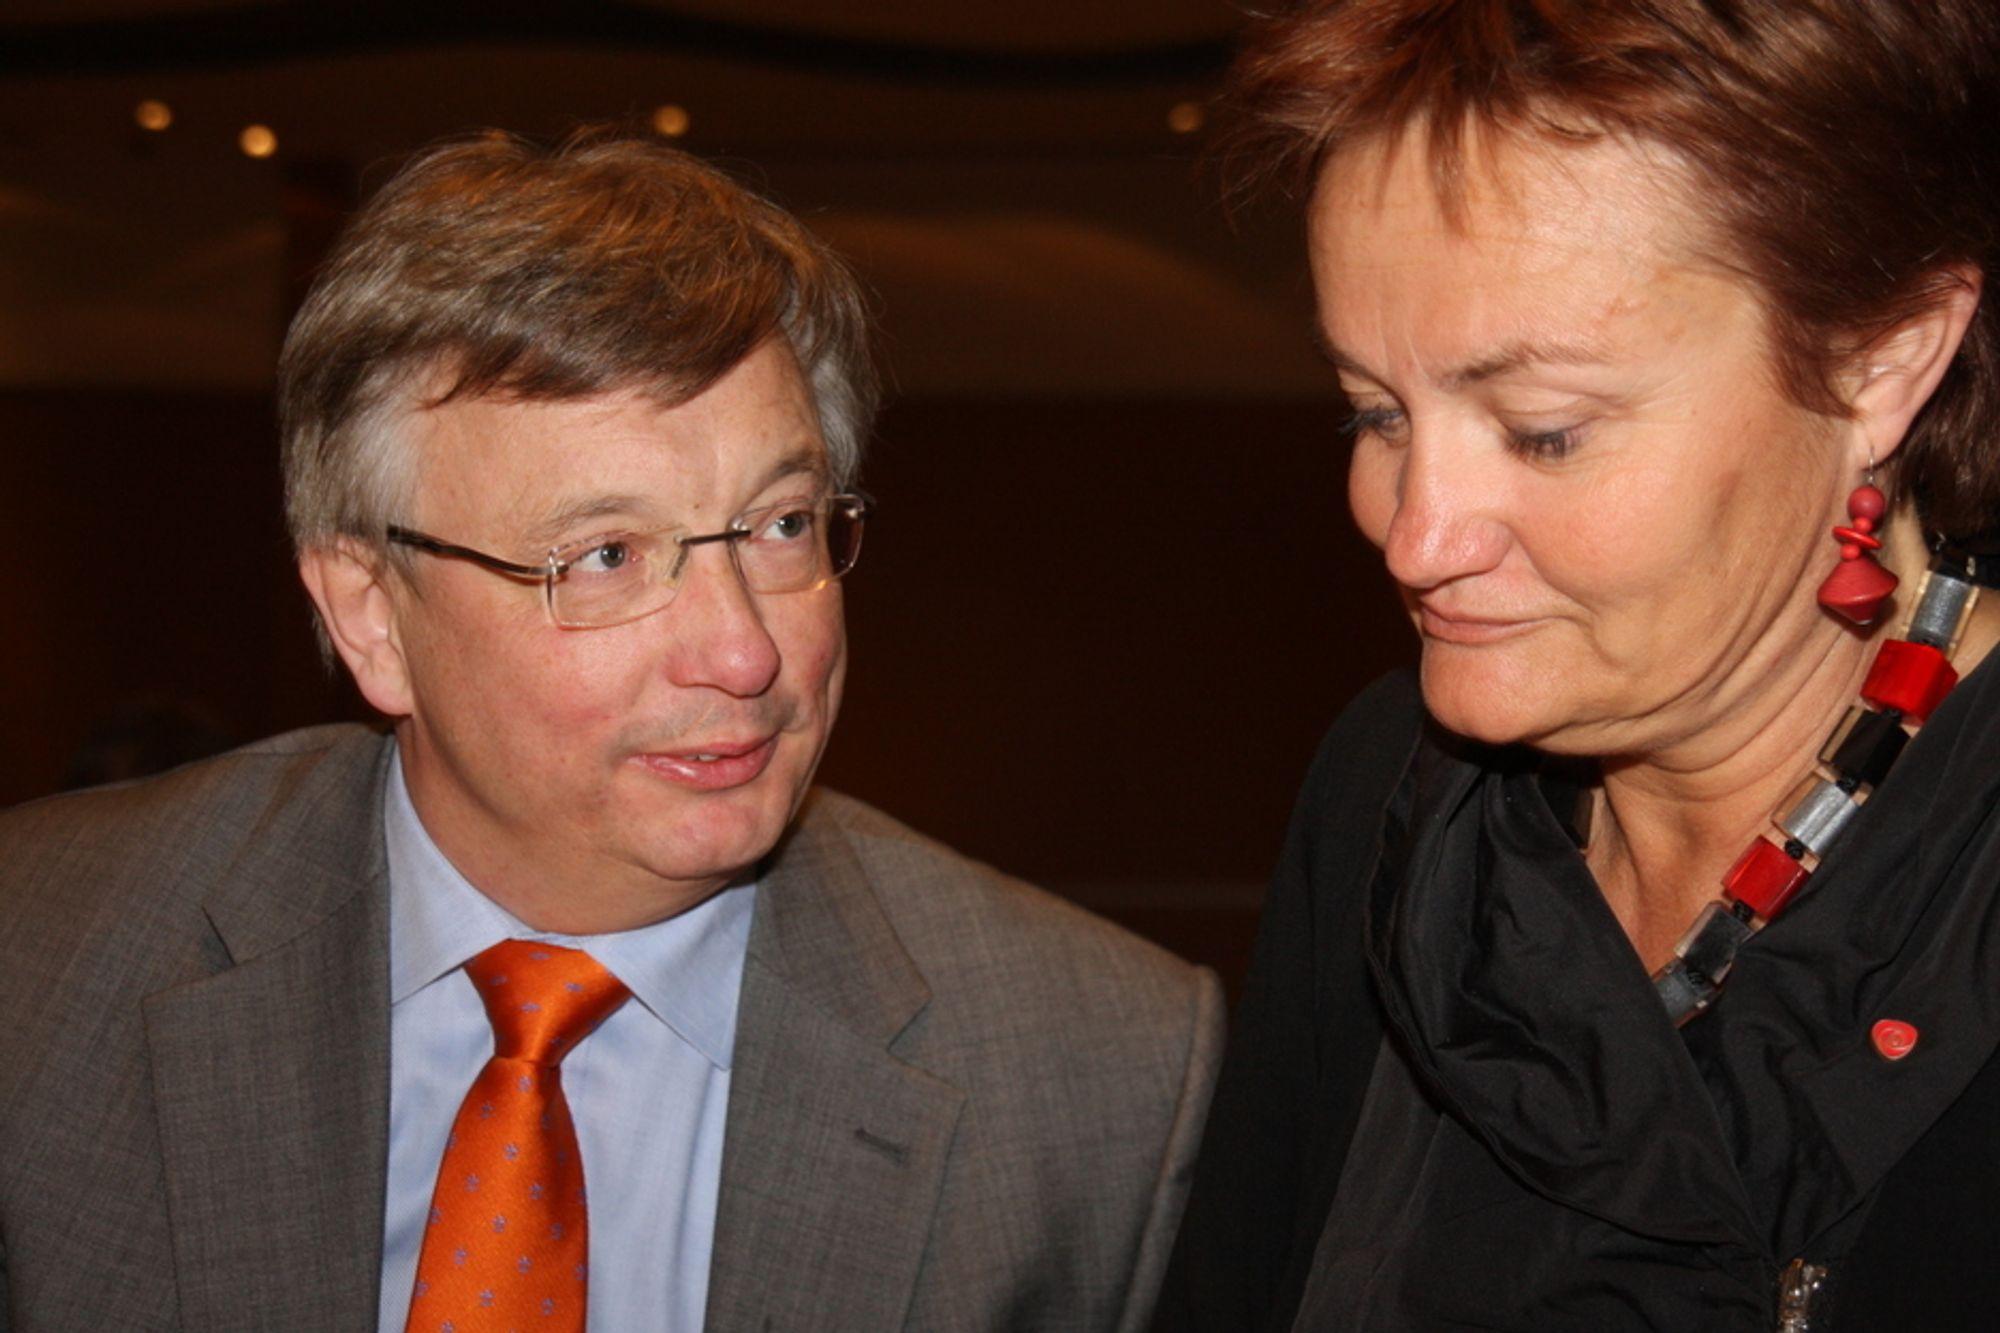 SYNLIG: For første gang får fornyingsminister Rigmor Aasrud synlig bistand fra regjeringen og statsråd Karl Eirik Schjøtt-Pedersen i arbeidet med digital forvaltning.